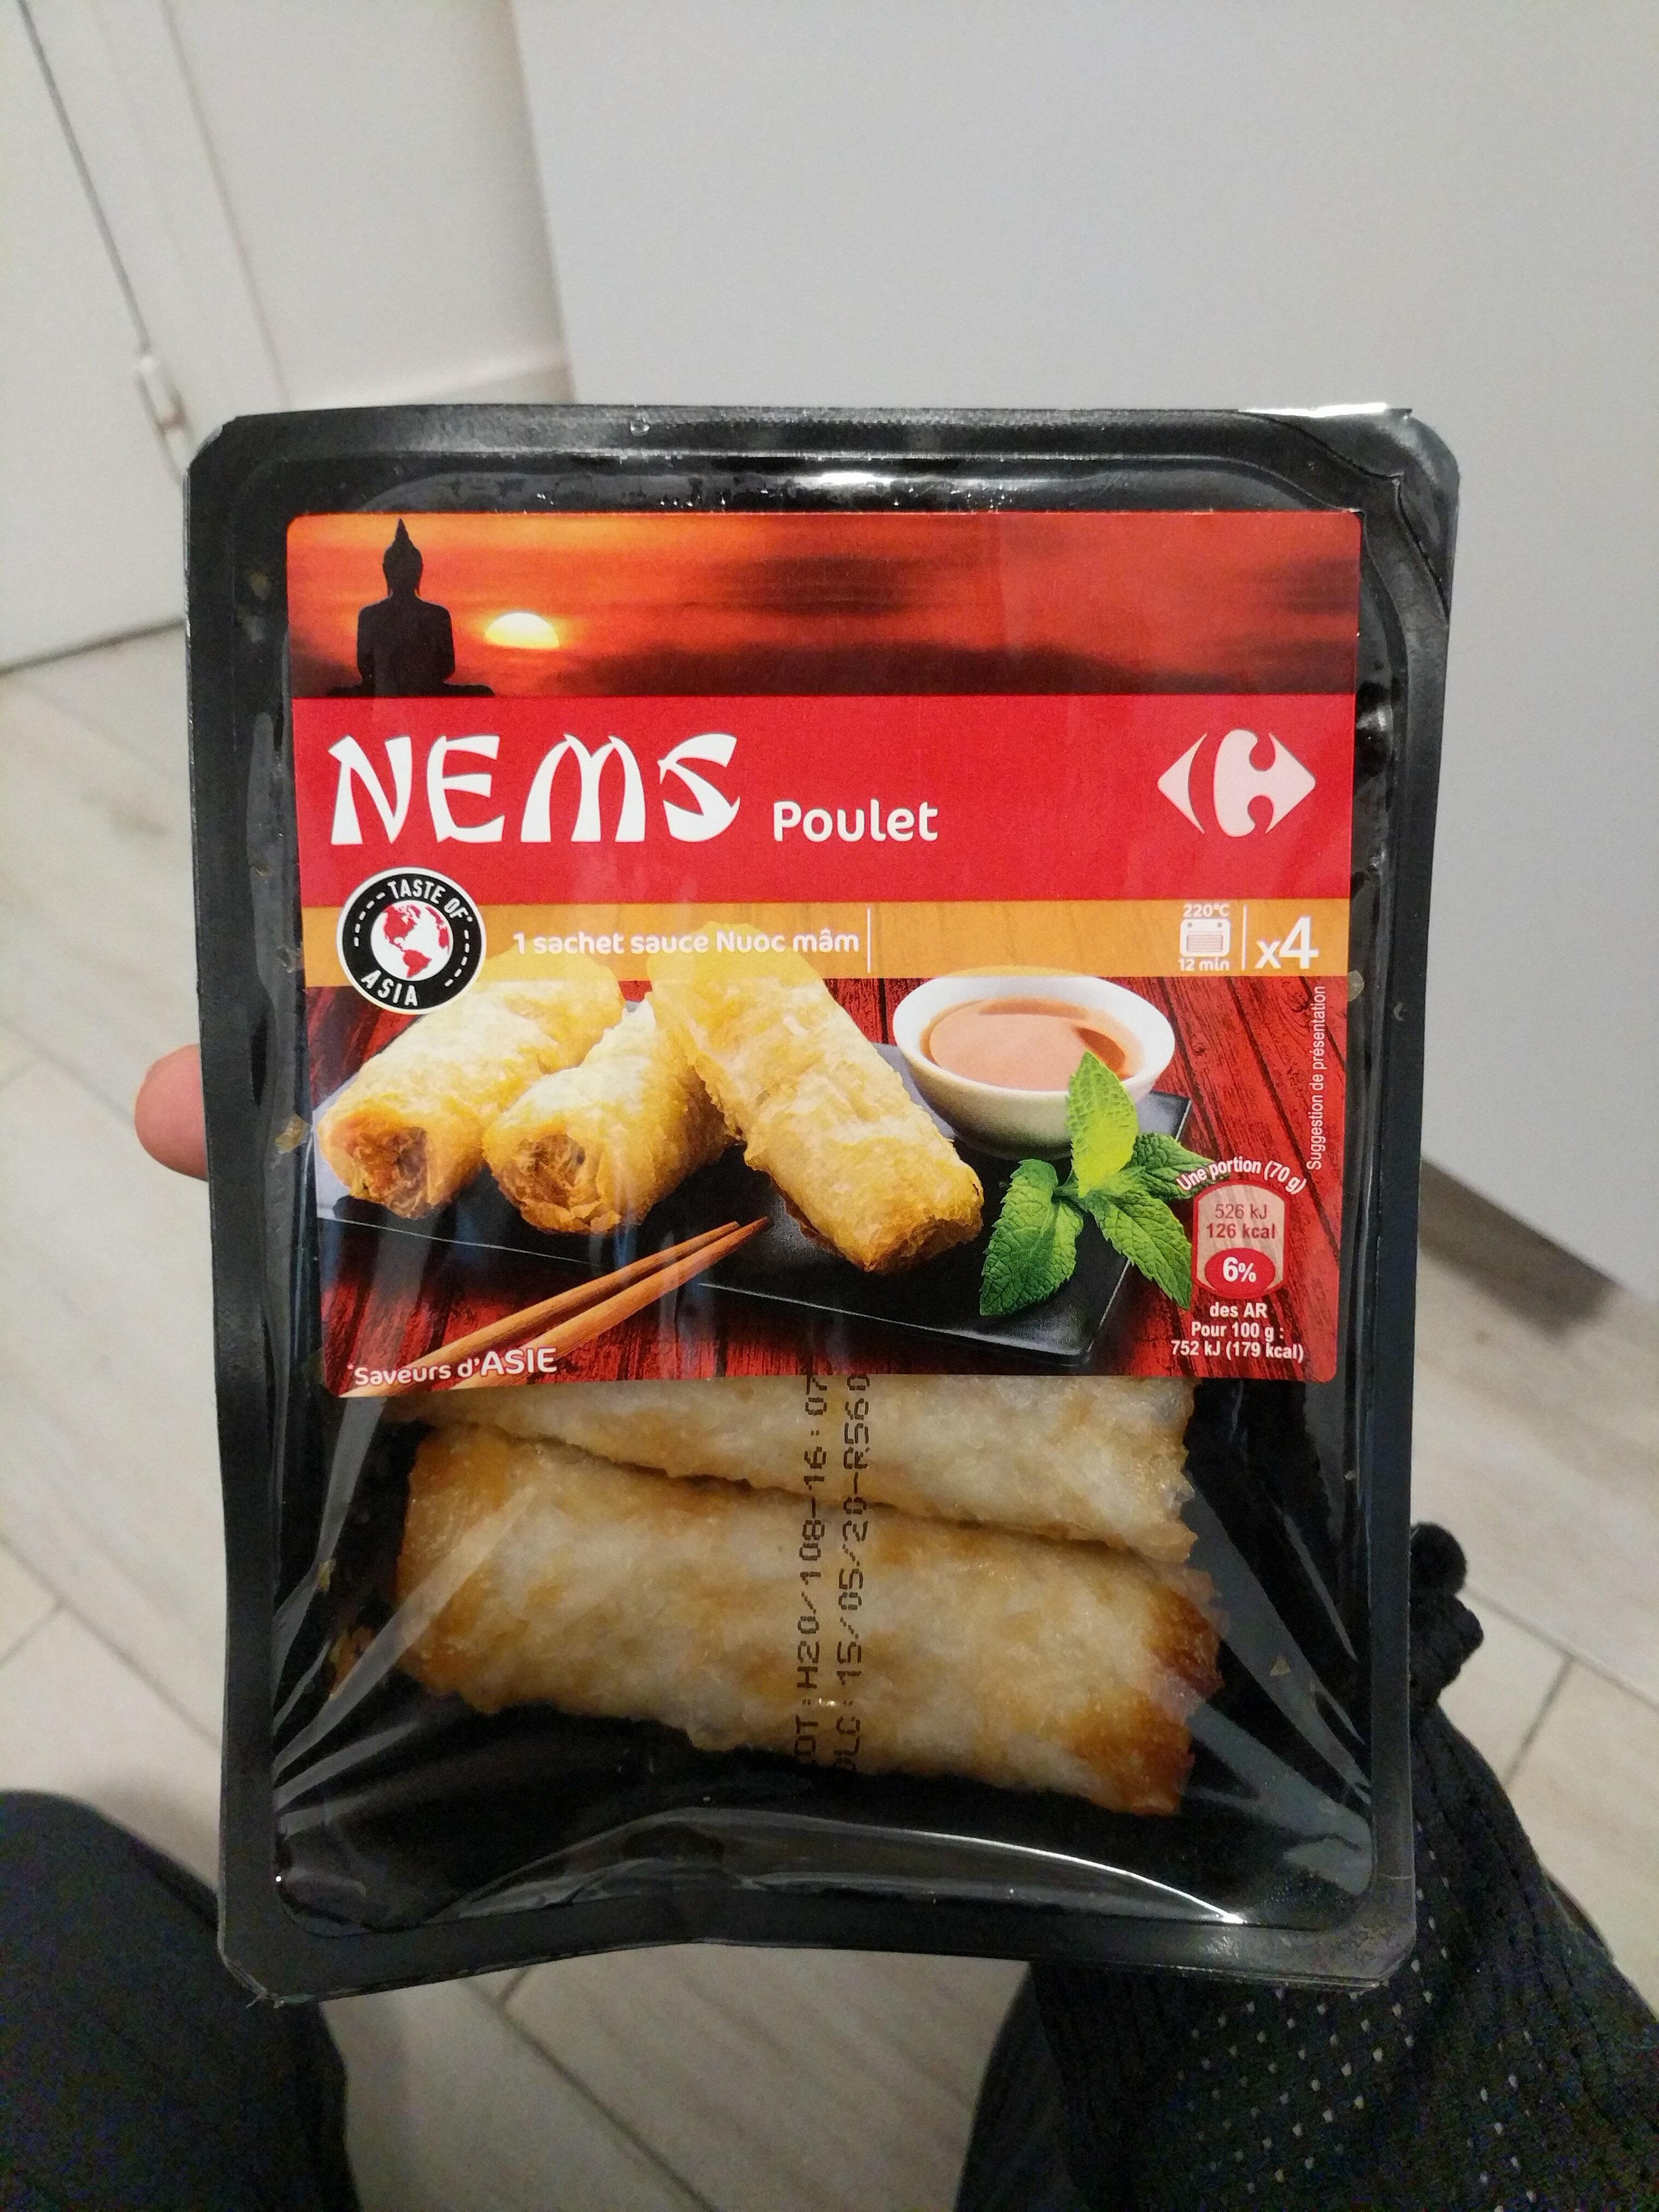 Nems poulet - Produit - fr